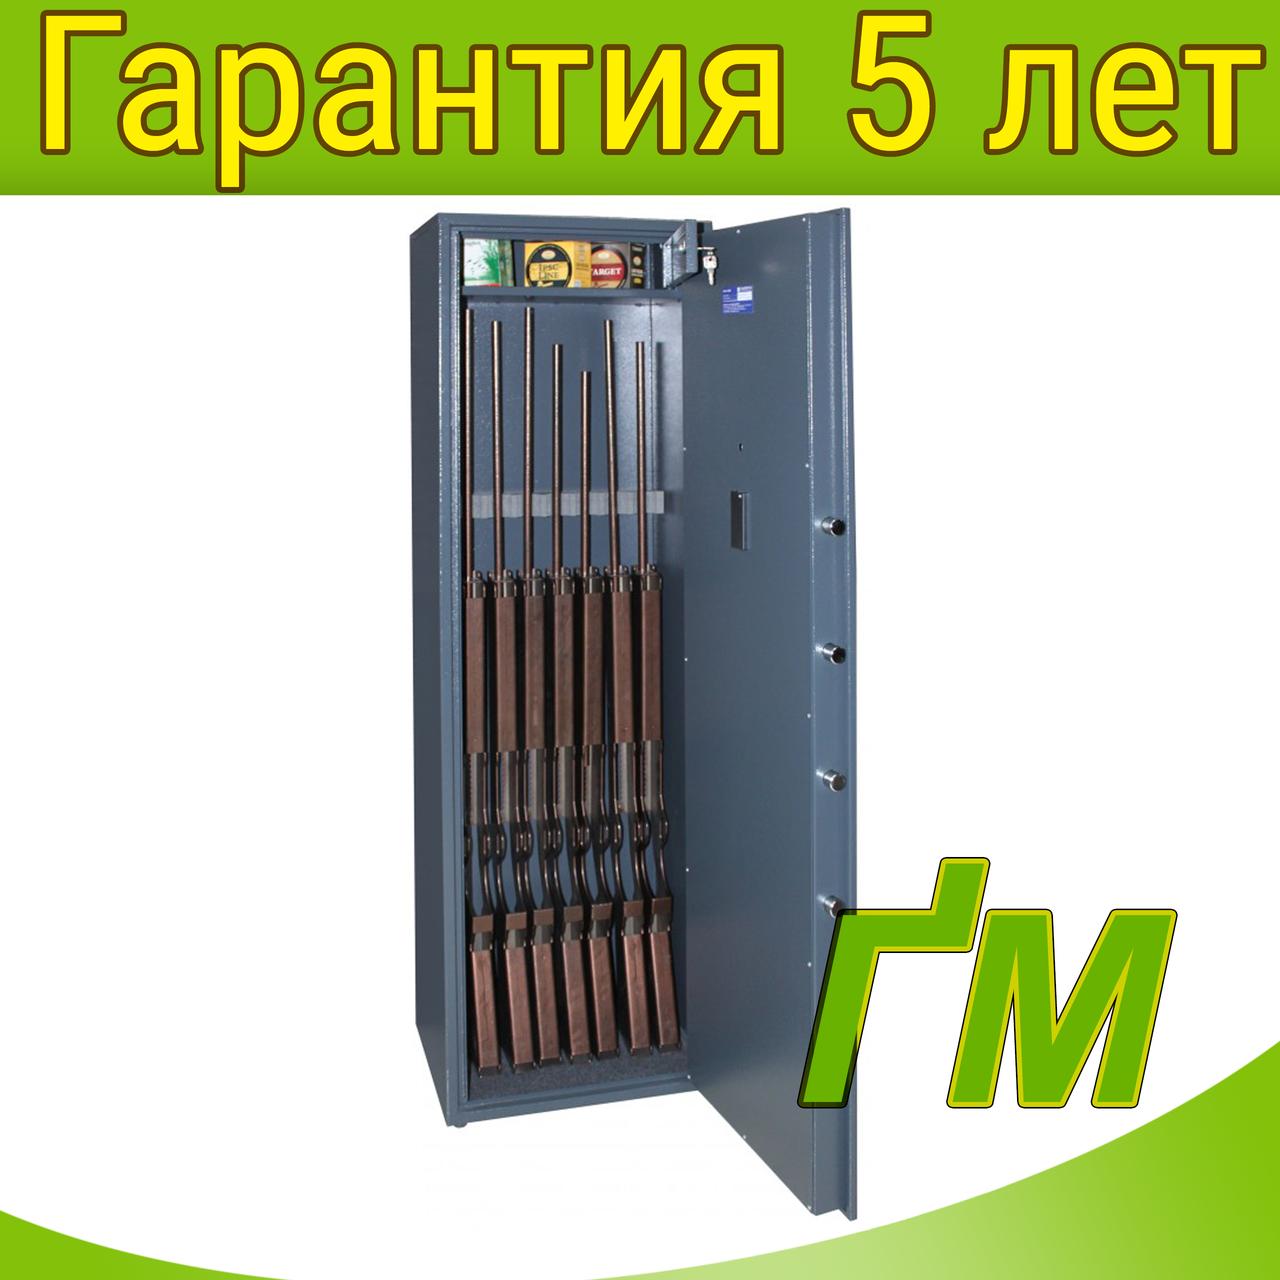 Сейф для хранения оружия GLT.470/35.E (1512х470х350мм)